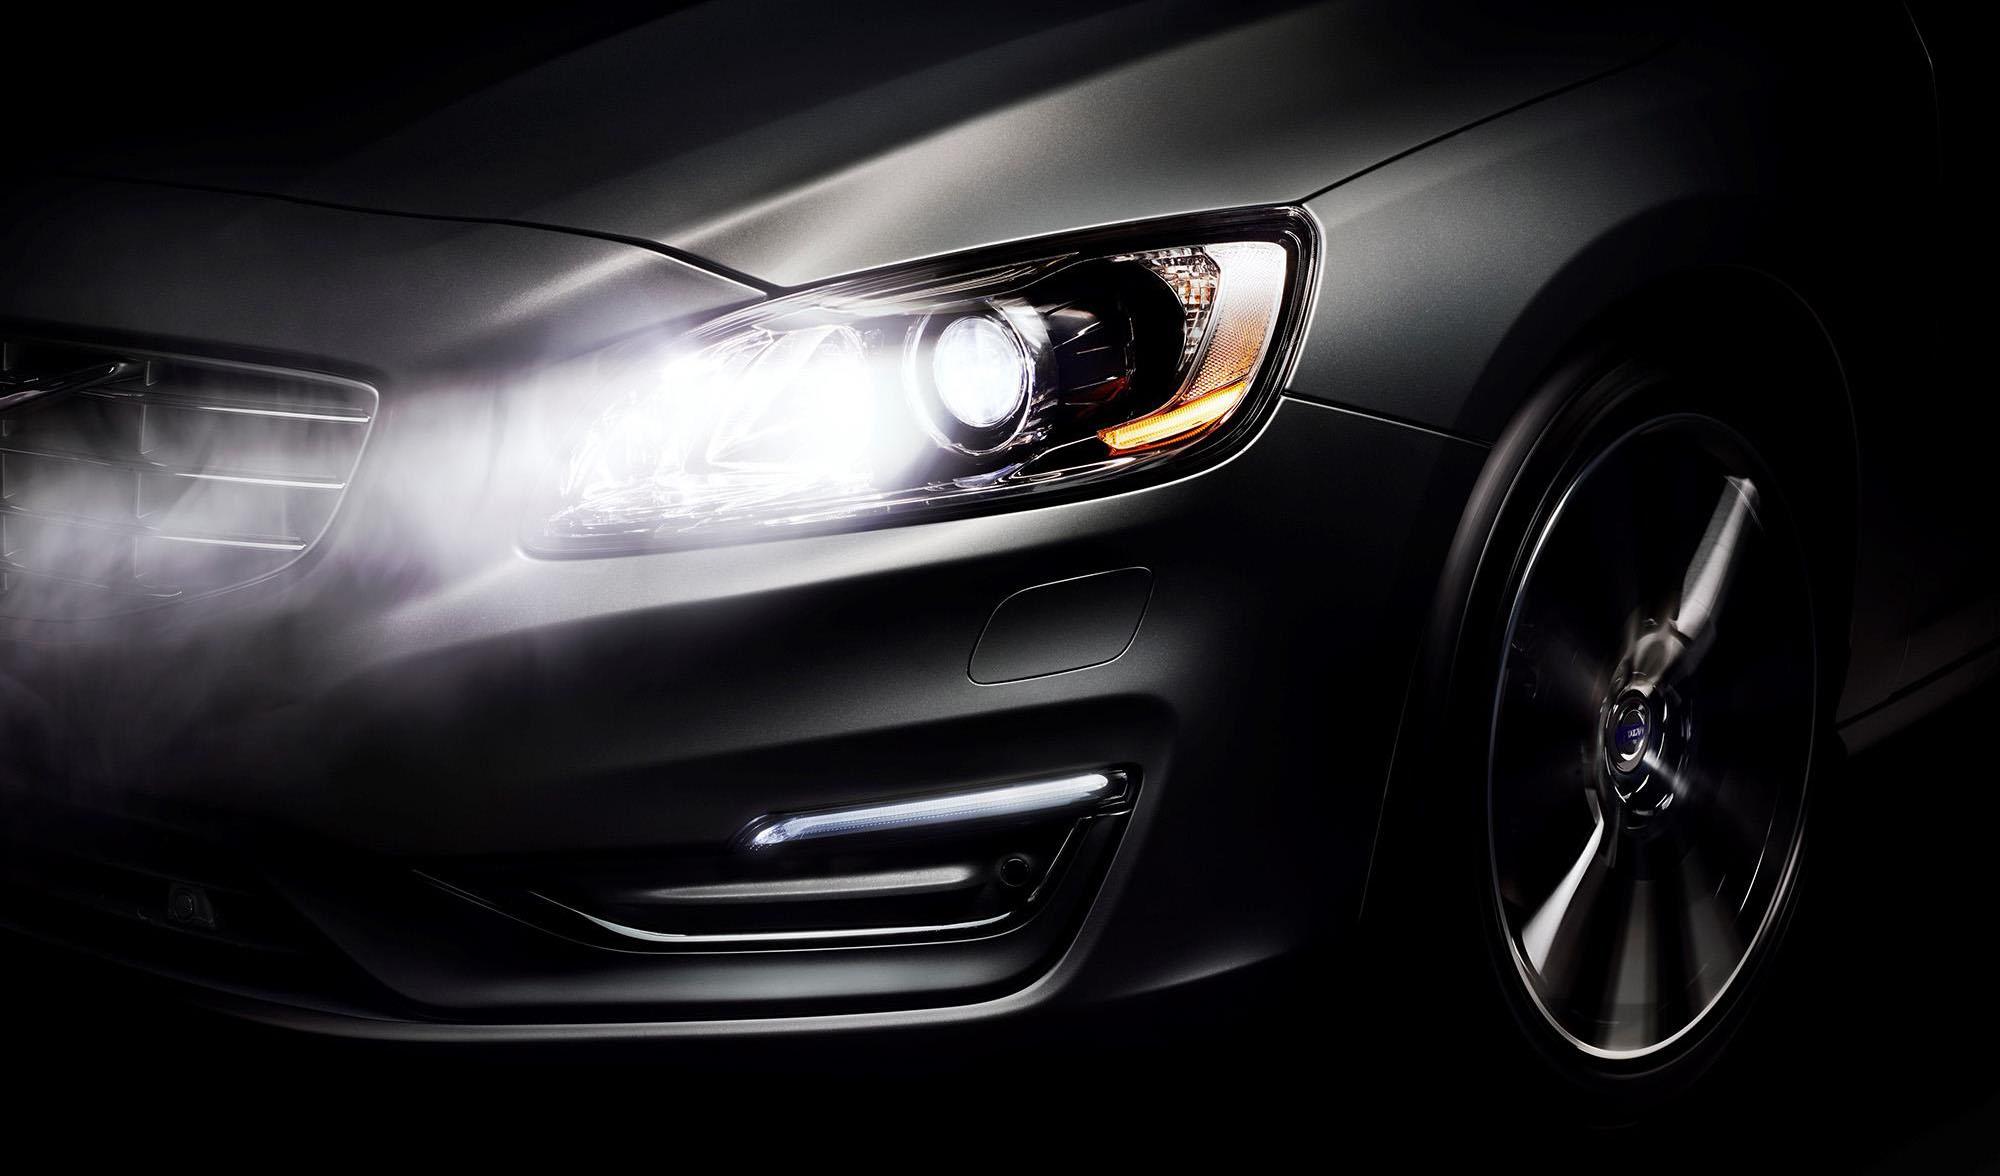 شرایط فروش فوری خودرو در ۲۱ اردیبهشت اعلام شد